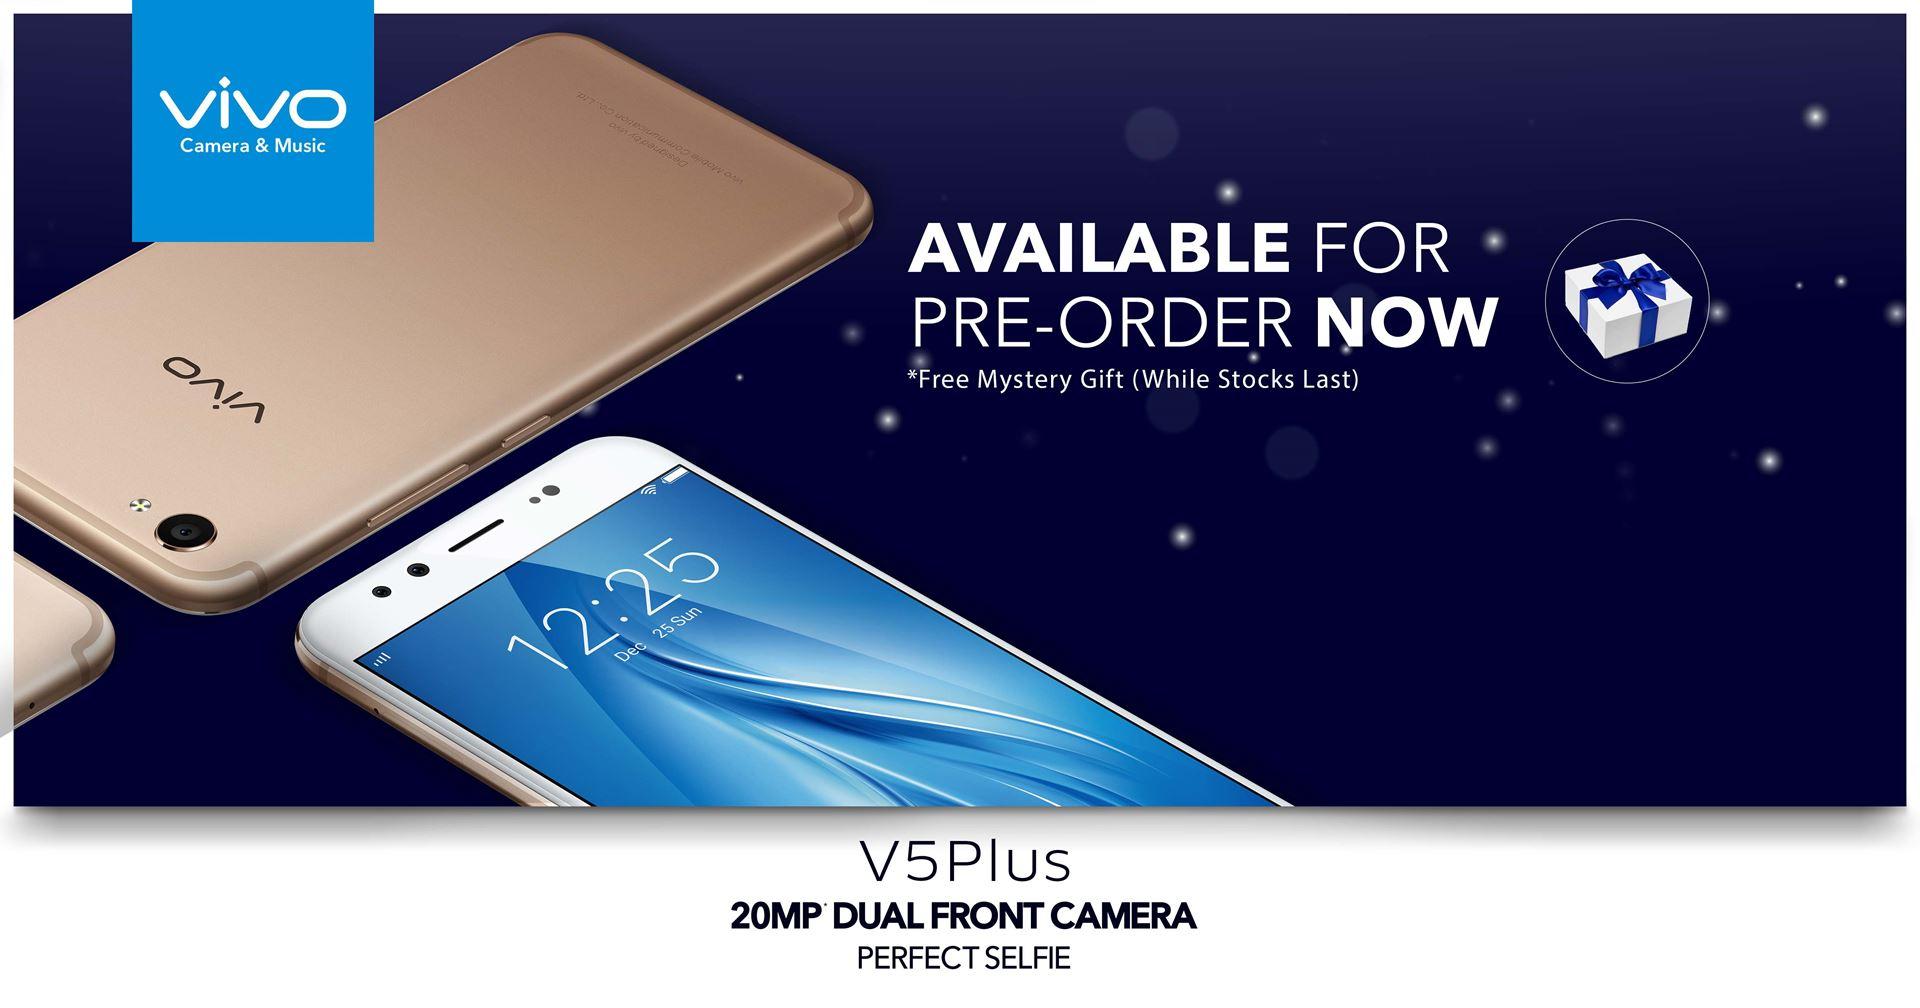 Ритейлер рассекретил Vivo V5 Plus с двойной селфи-камерой на 20 Мп